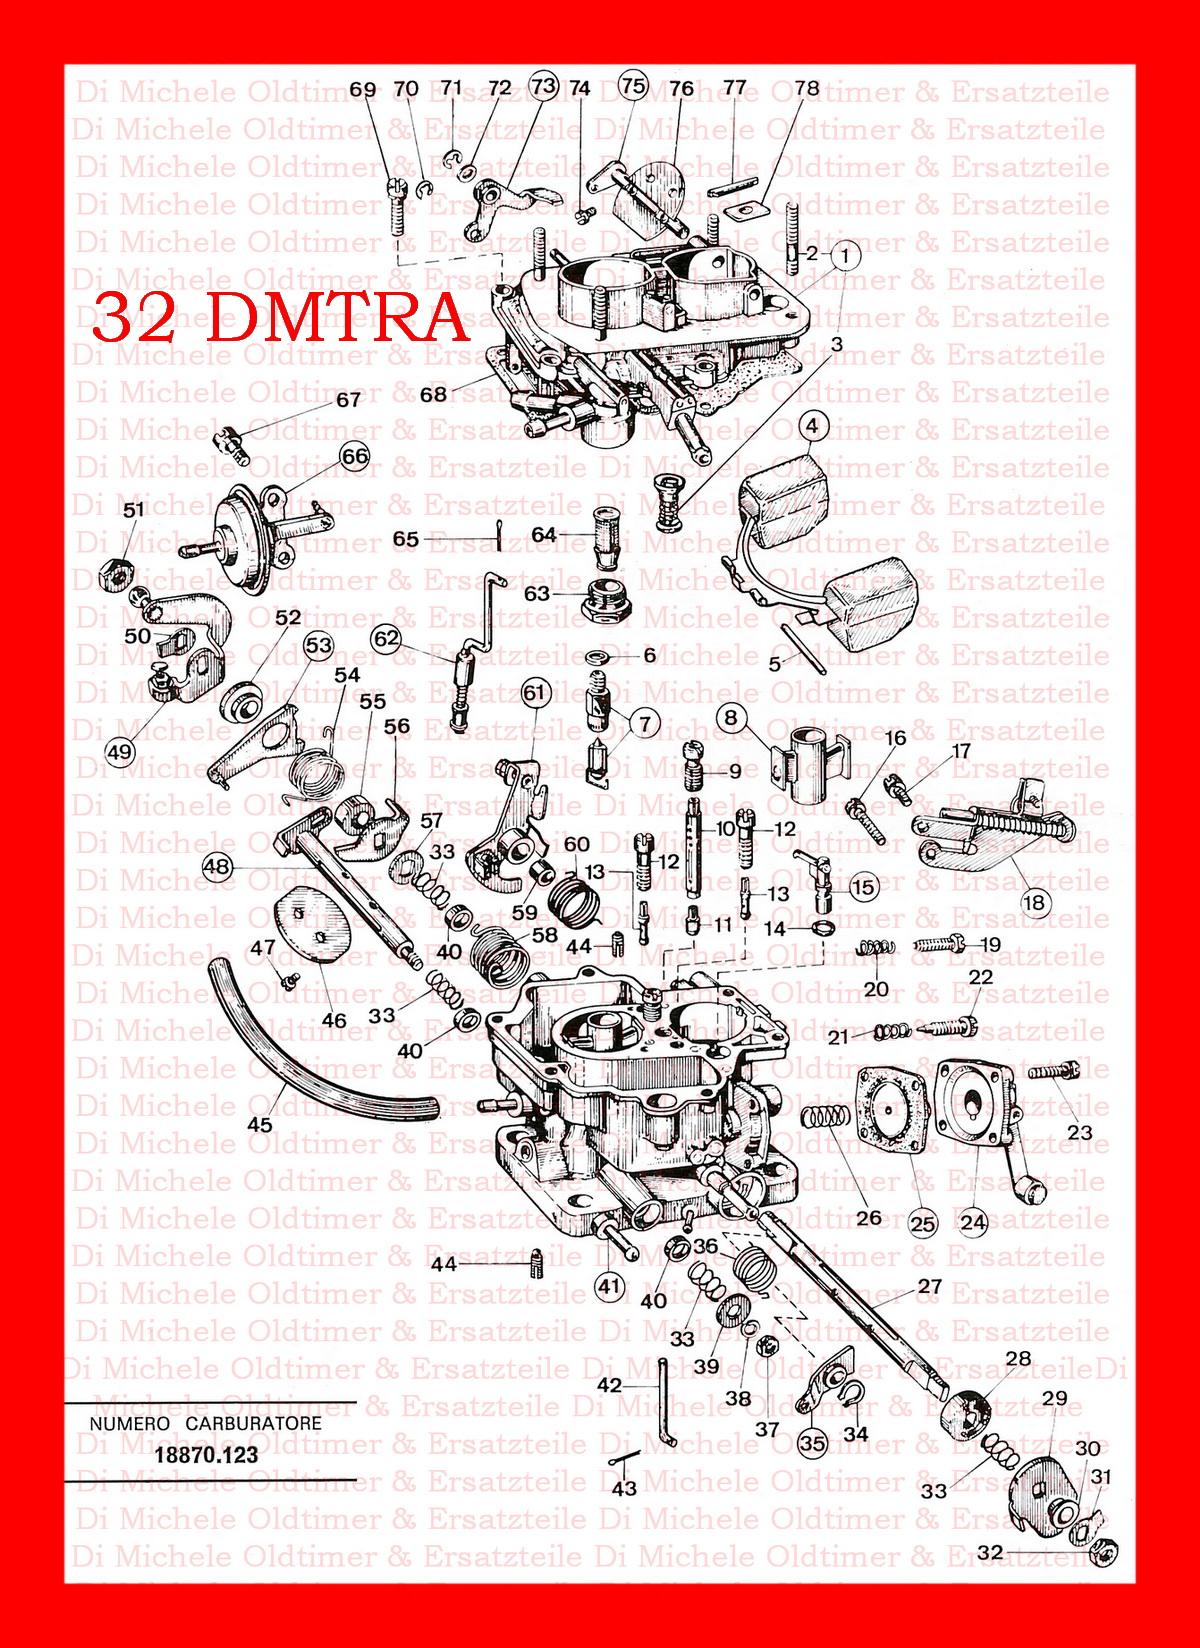 32_DMTRA